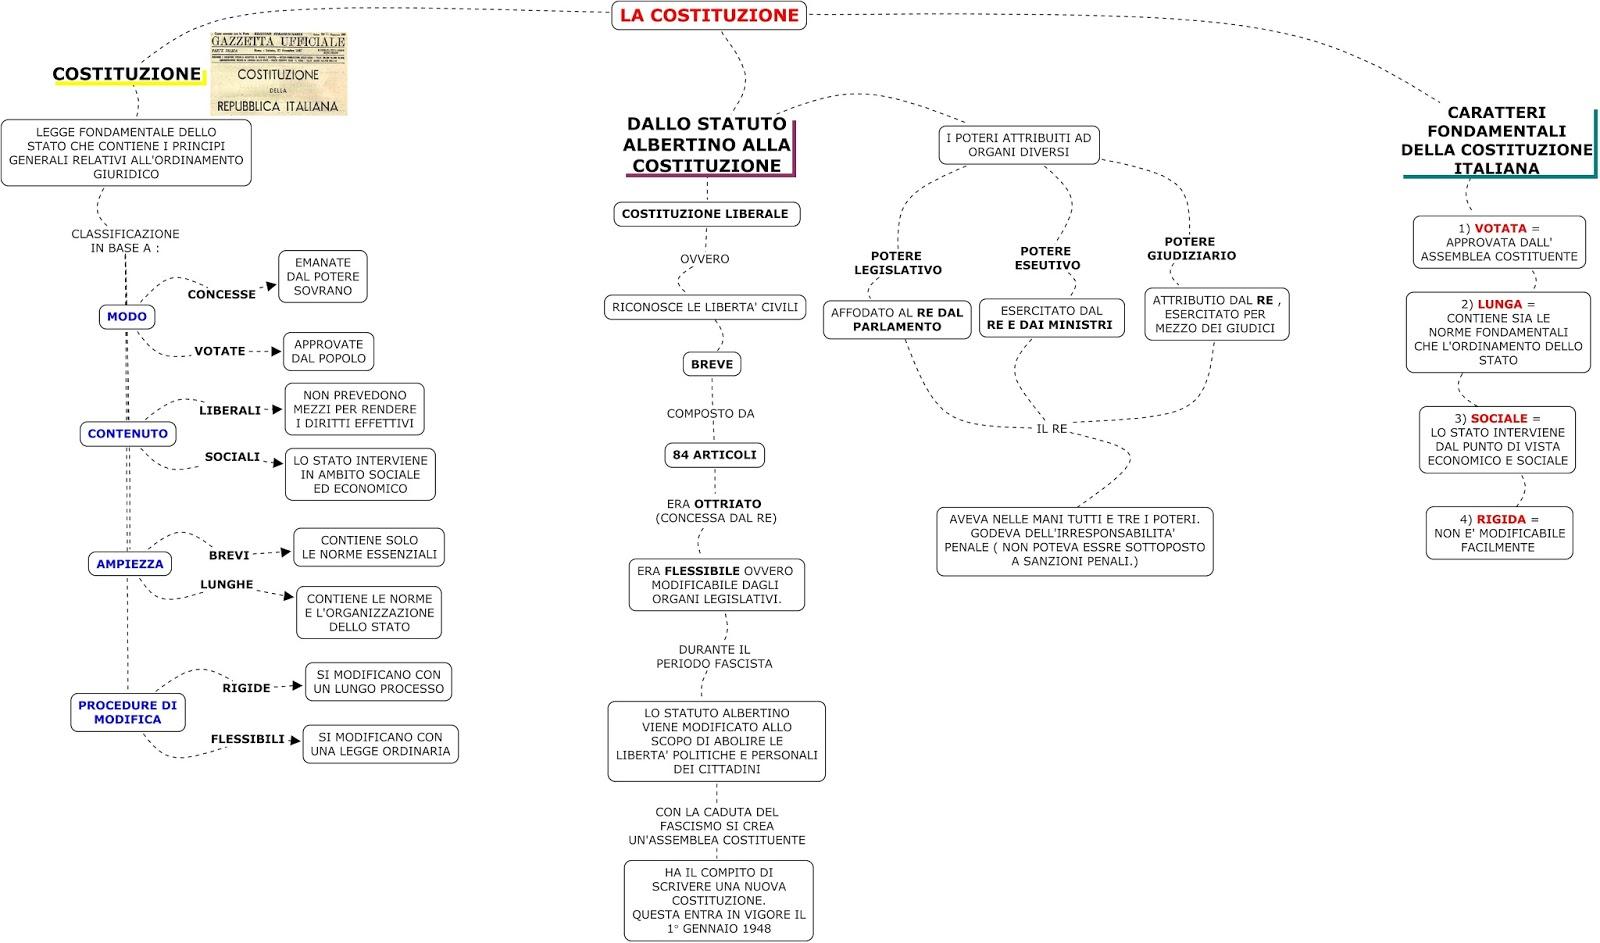 La costituzione italiana for Schema parlamento italiano